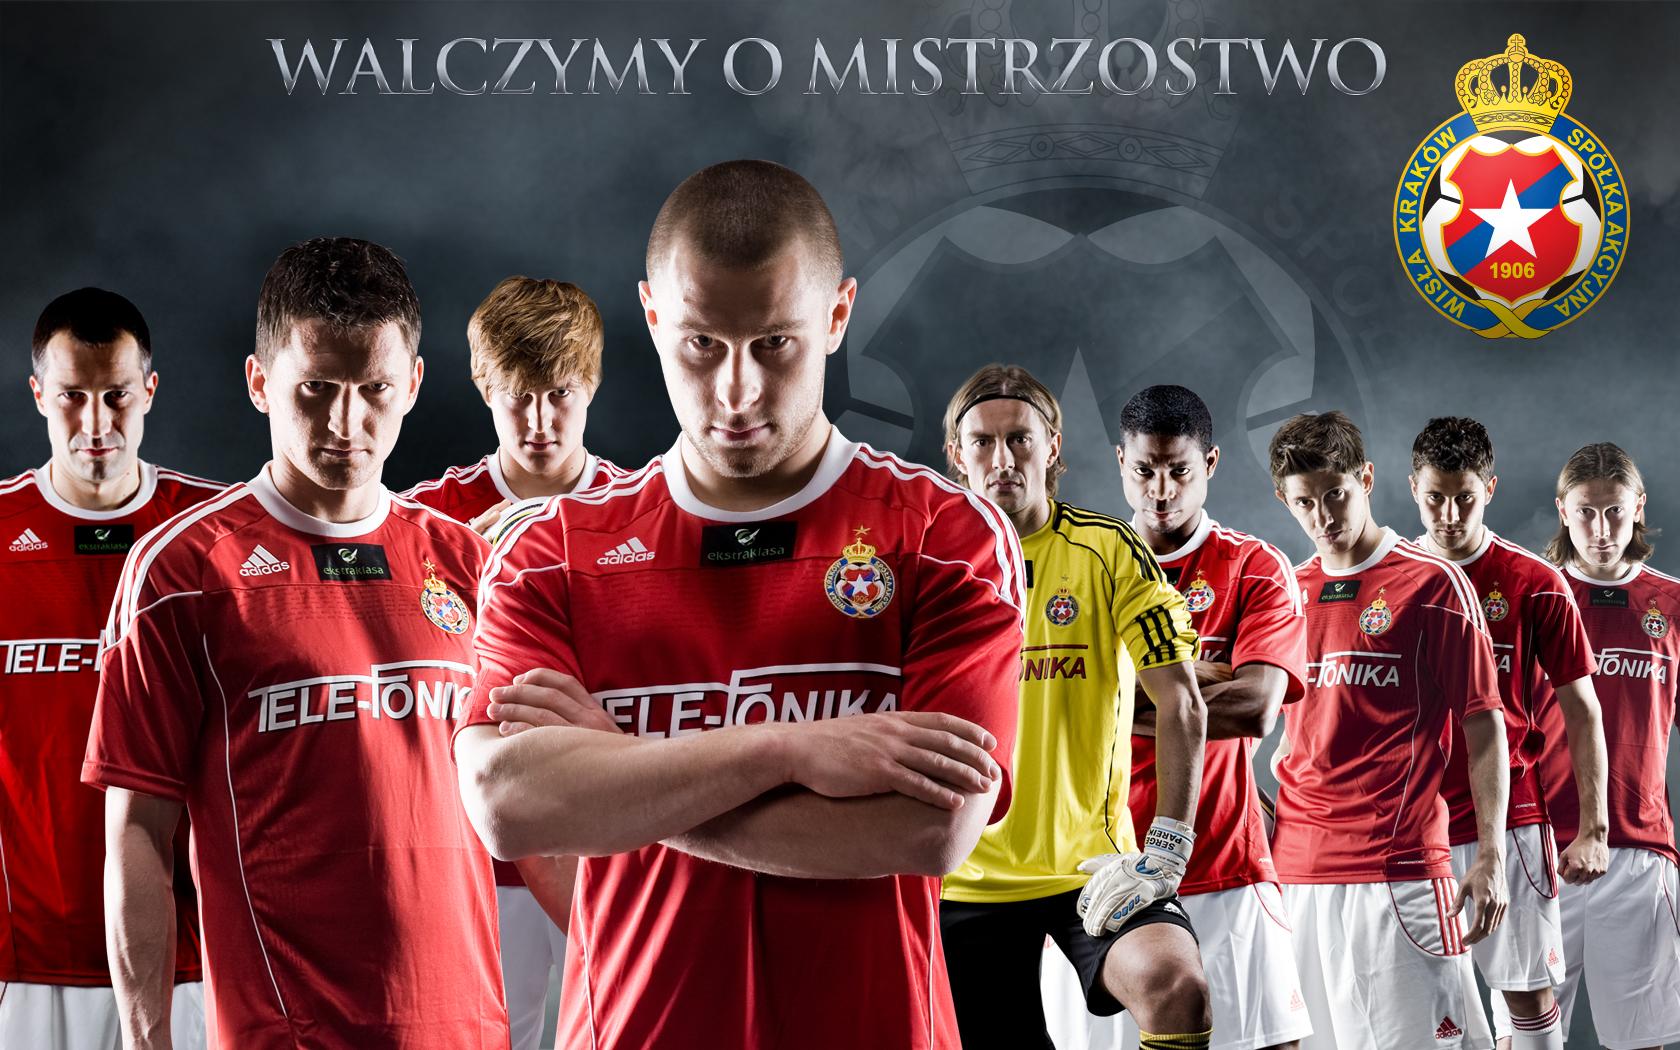 b190e5409 Legia Warszawa 1680x1050 001 · Wisla Krakow 1680x1050 003 Mistrz Polski  2011 · Wisla Krakow 1680x1050 002 ...